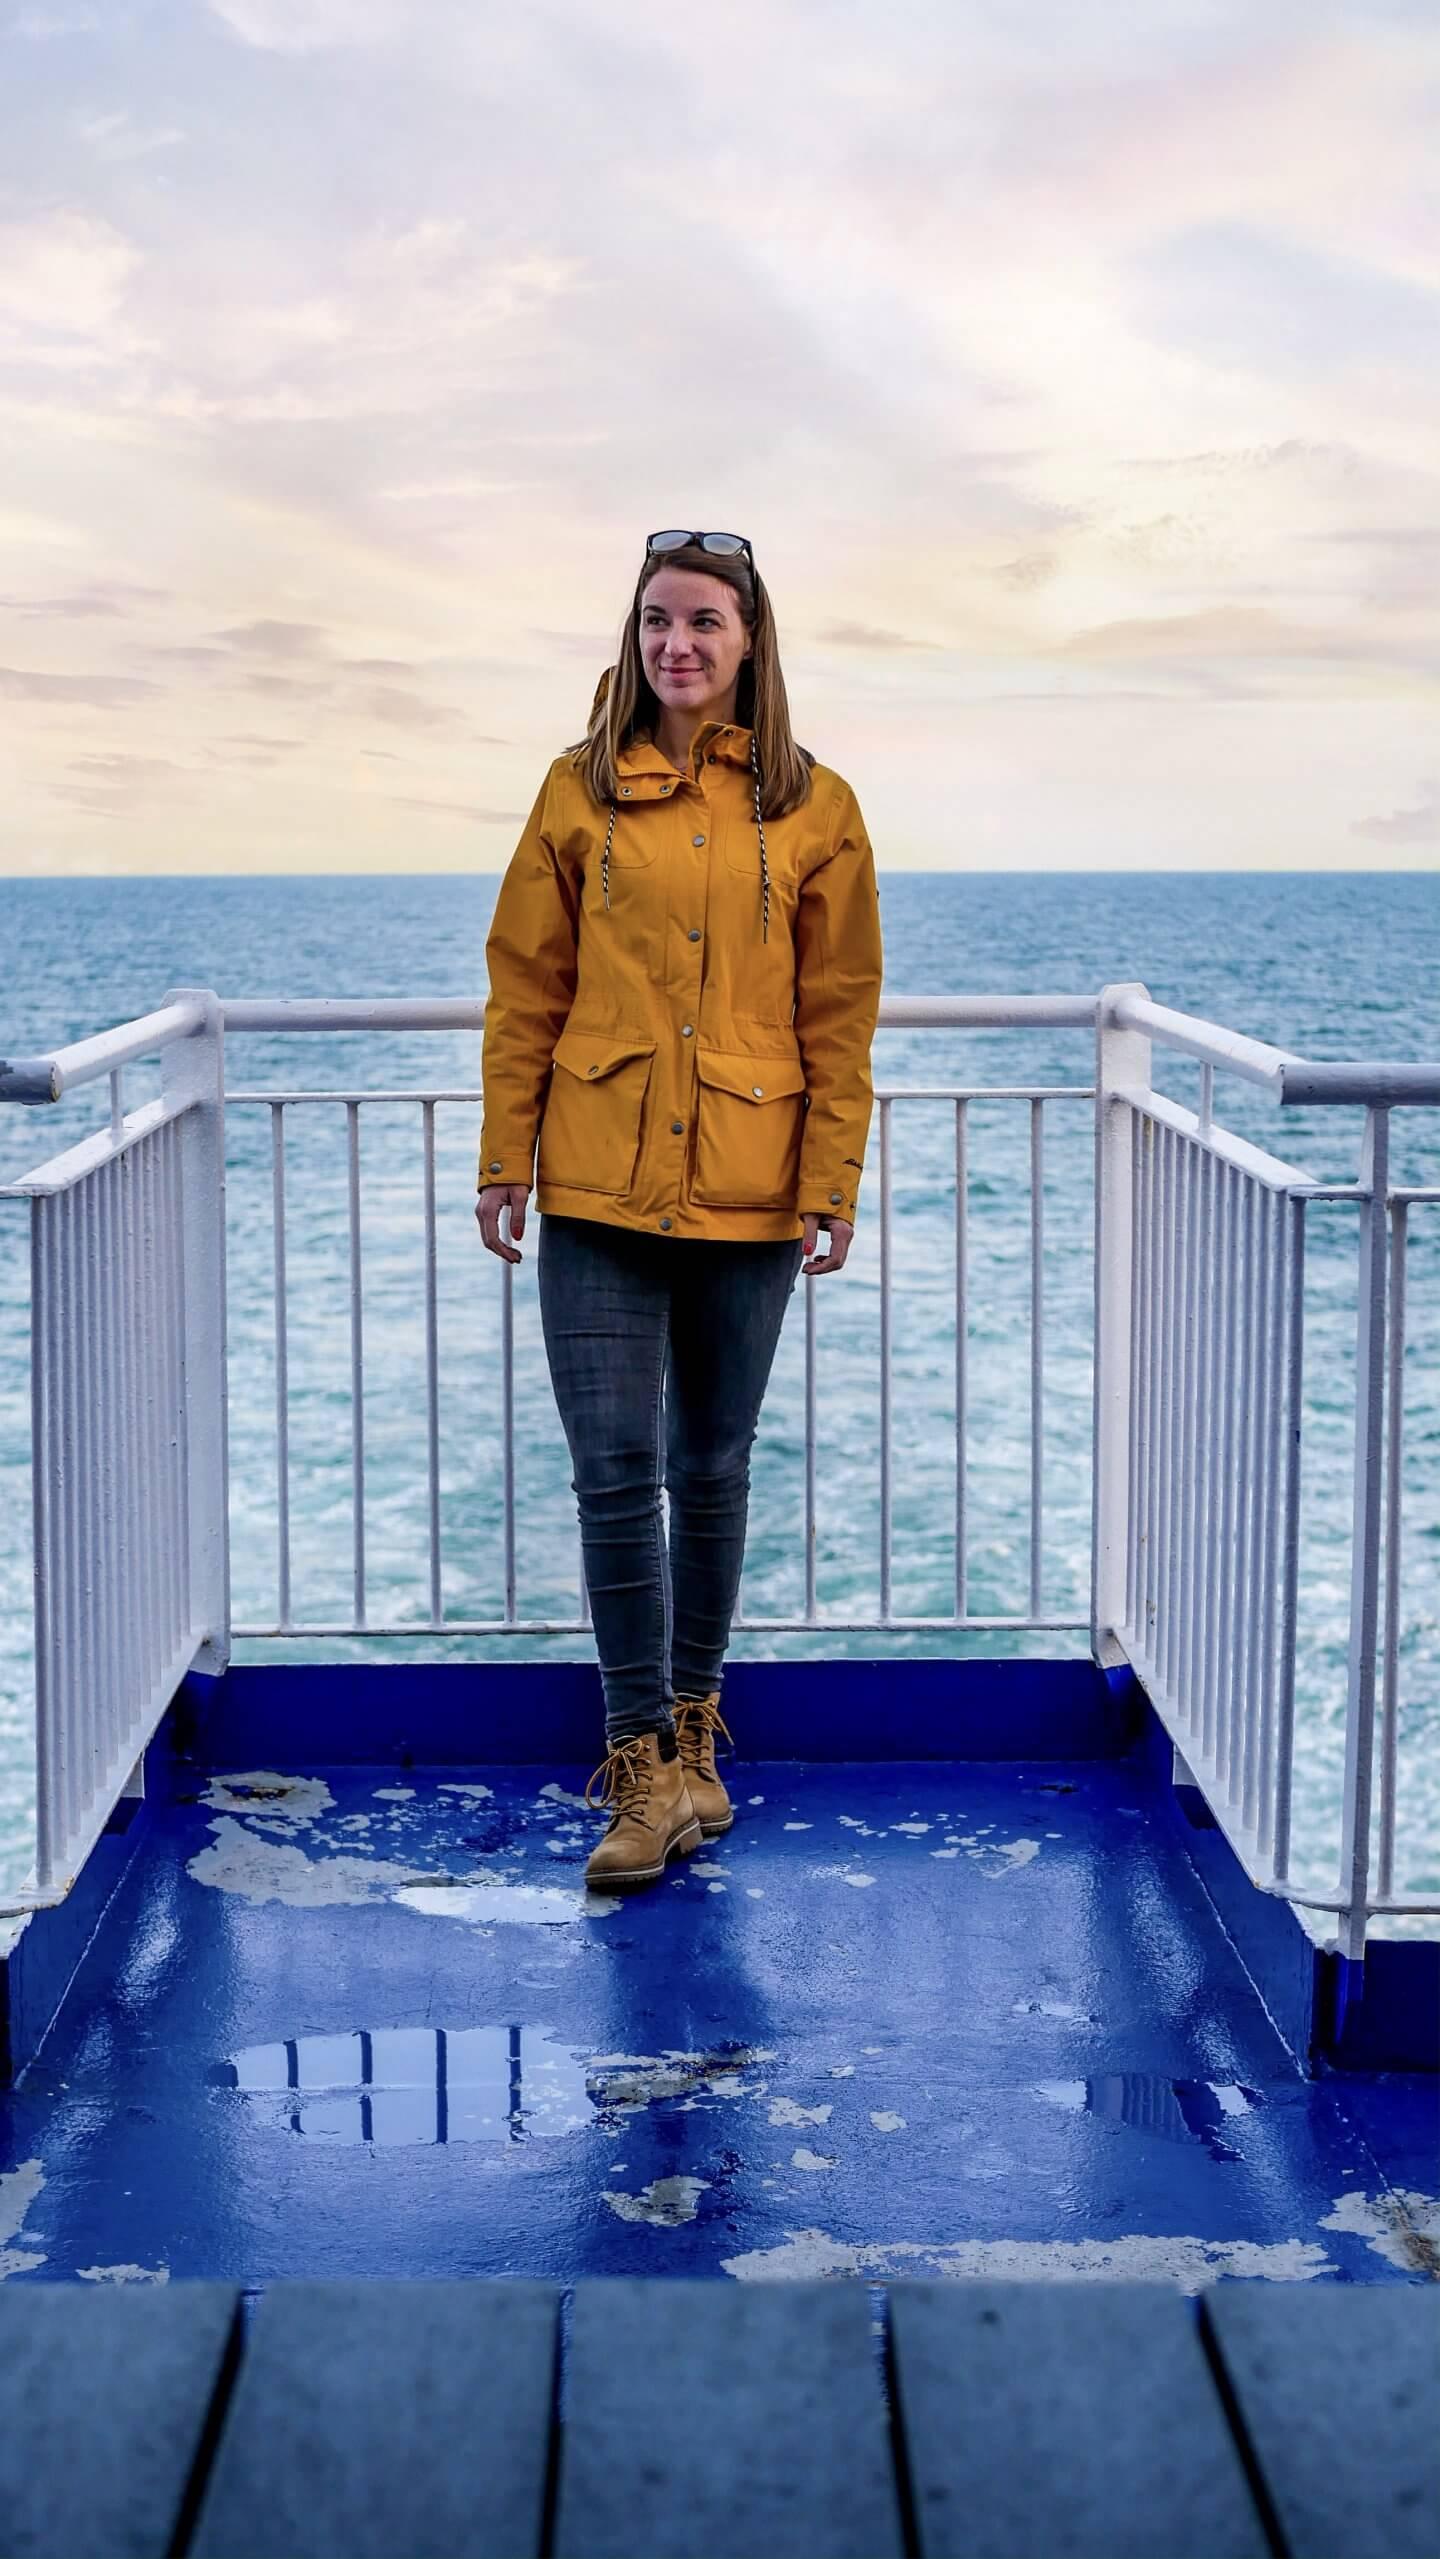 Mit dem Van nach Schottland: So kommt ihr auf die Insel